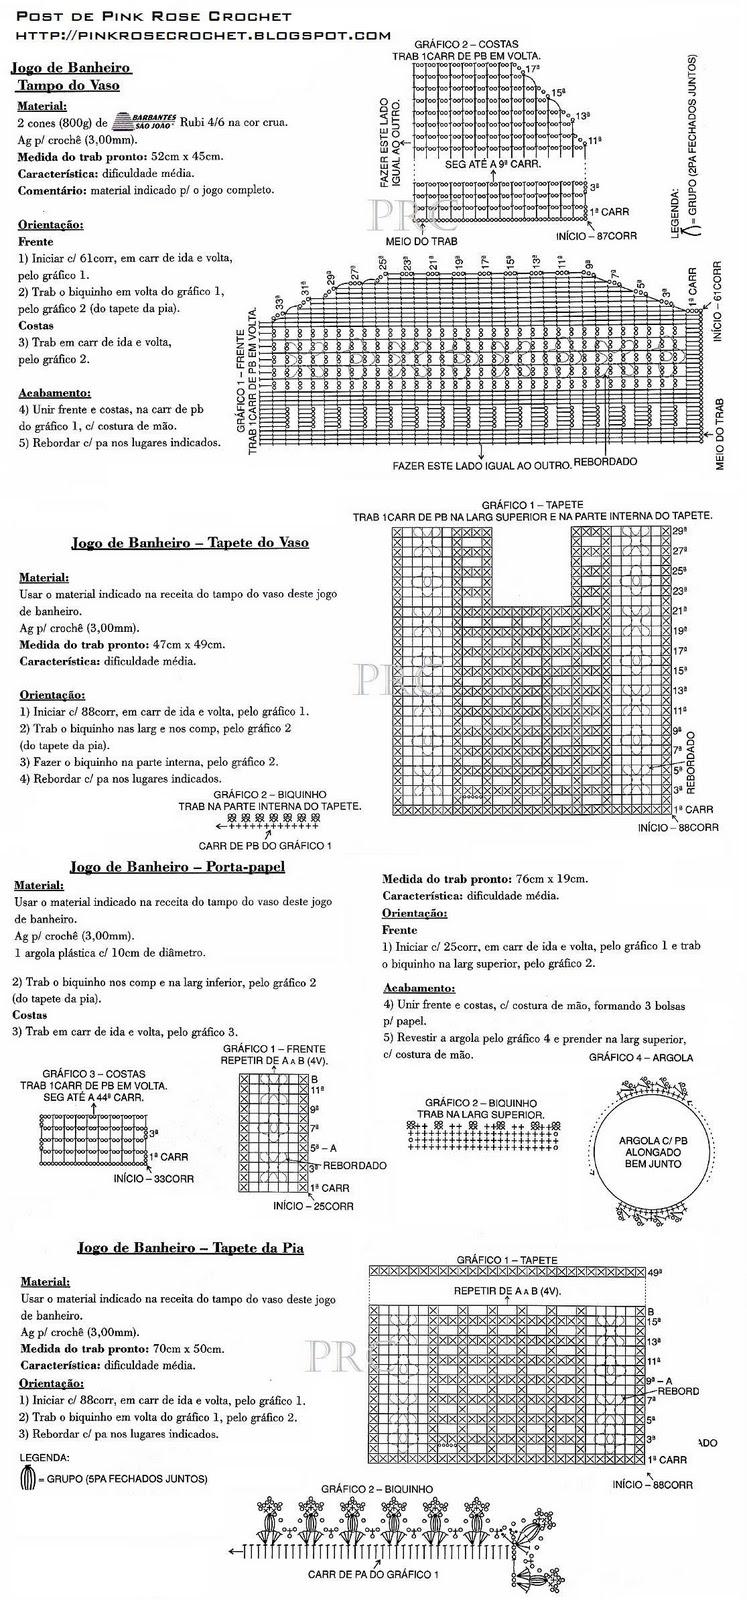 http://1.bp.blogspot.com/-Nxrb4ny_kr4/ToS2J5uavDI/AAAAAAAAV5c/pTwK0HqmCwQ/s1600/Tapetes+p+Banheiro+Croche++c+Barbante.+gr+PRose+Crochet.JPG